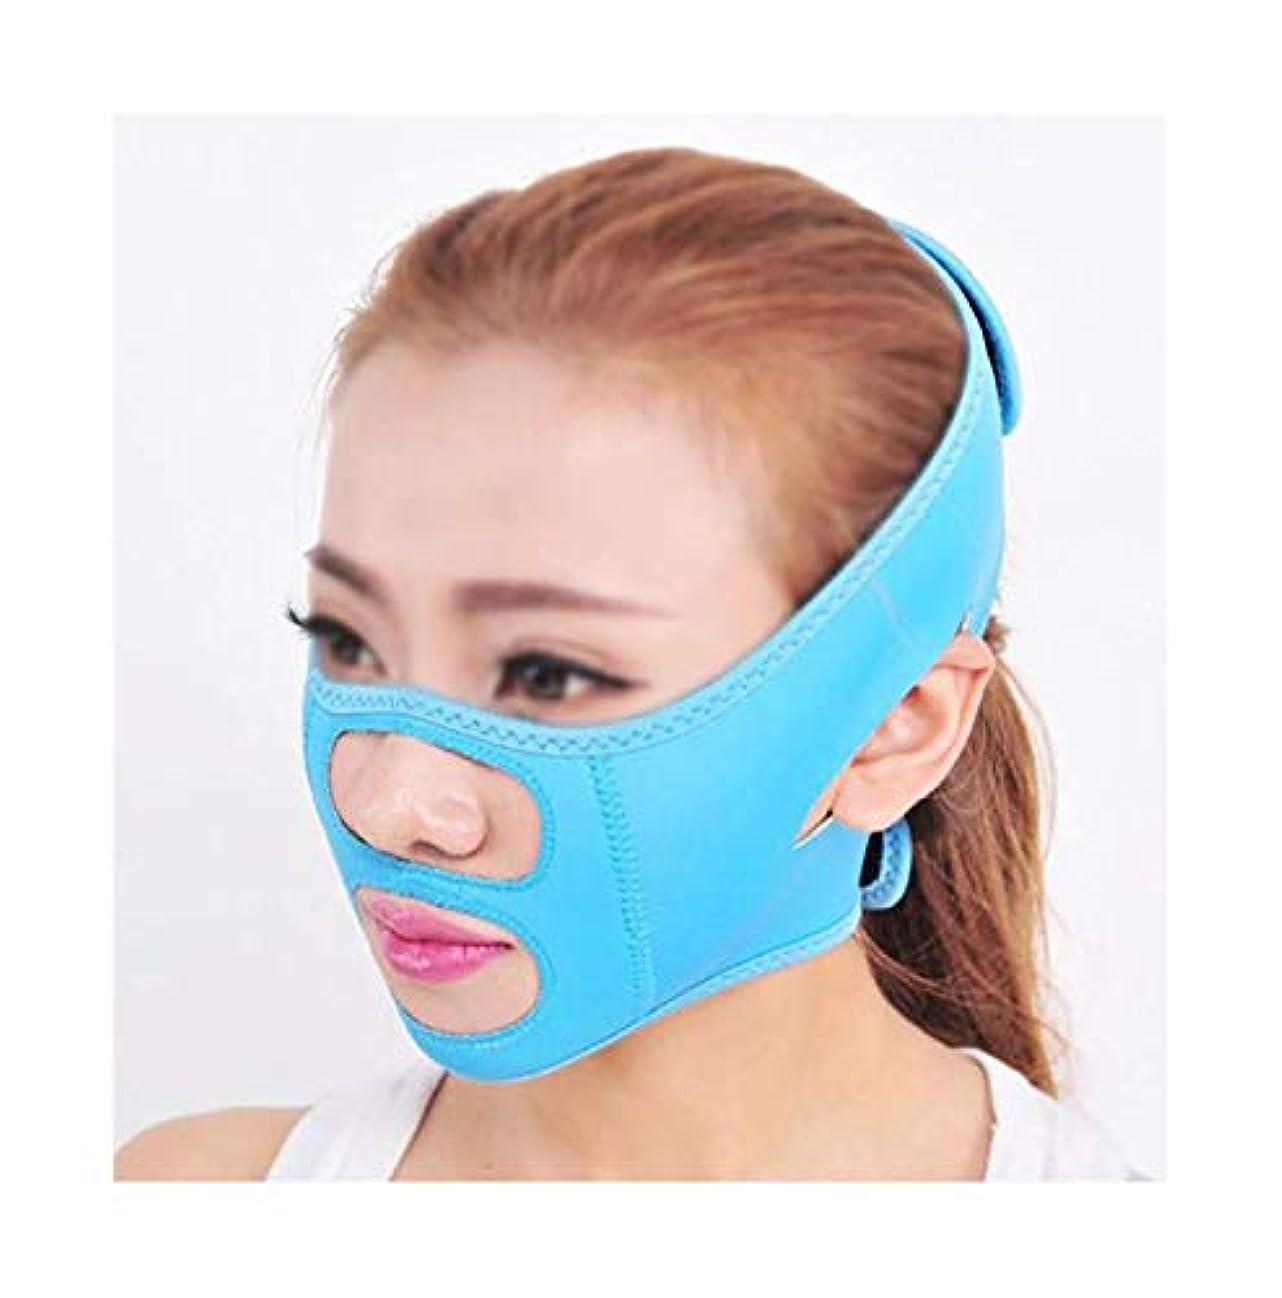 マッシュ肌平等ファーミングフェイスマスク、術後リフティングマスクホーム包帯揺れネットワーク赤女性Vフェイスステッカーストラップ楽器顔アーティファクト(色:青),青